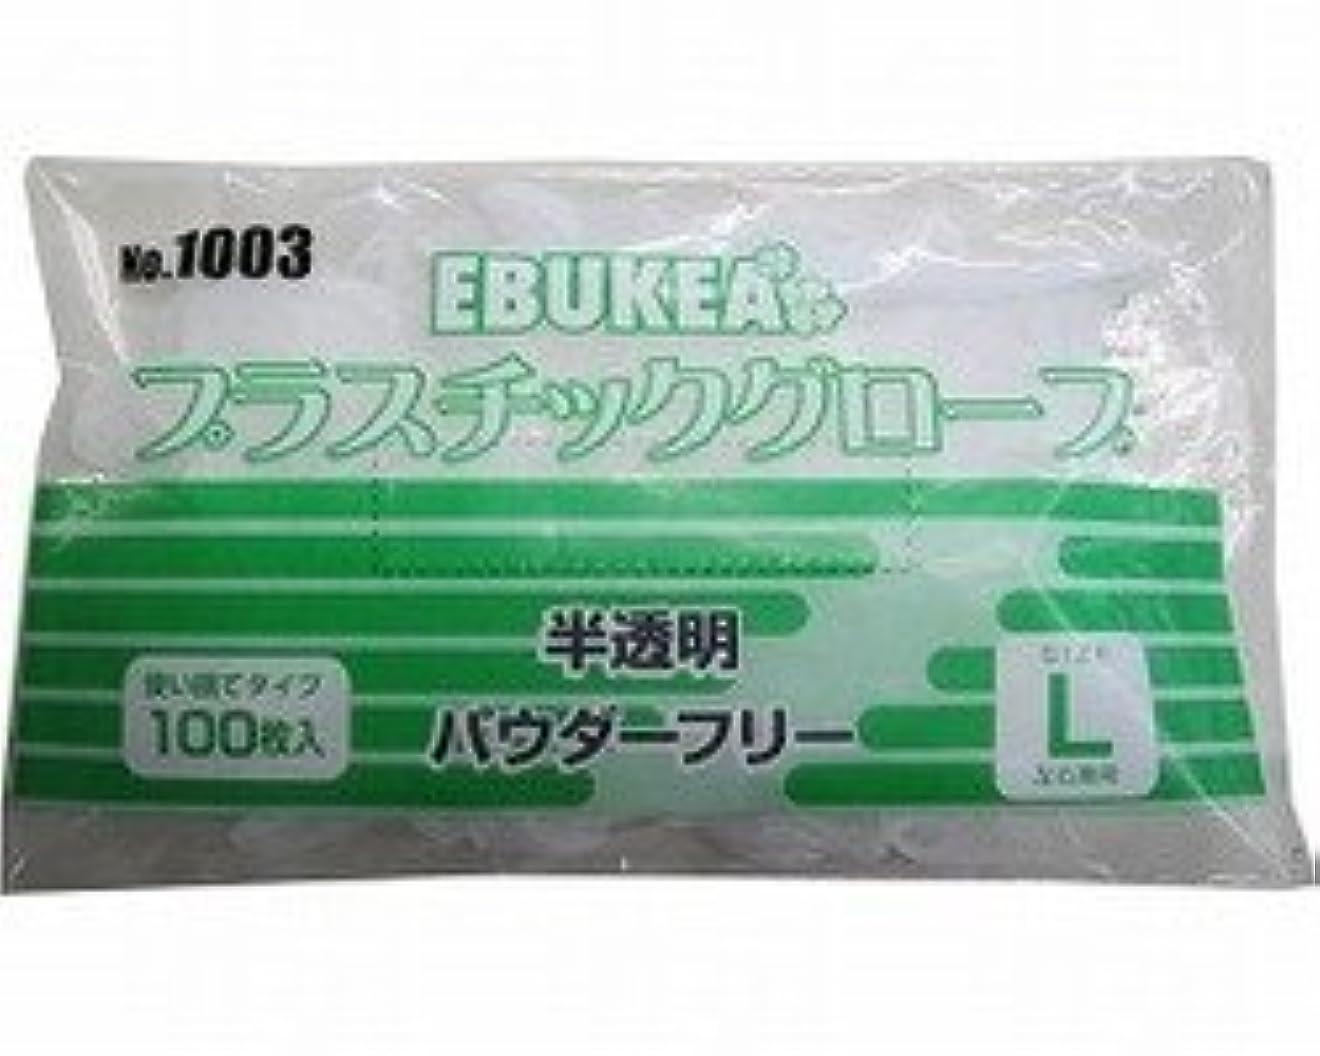 漂流融合公使館エブケアプラスチックグローブ(パウダーフリー Lサイズ 2ケースセット)